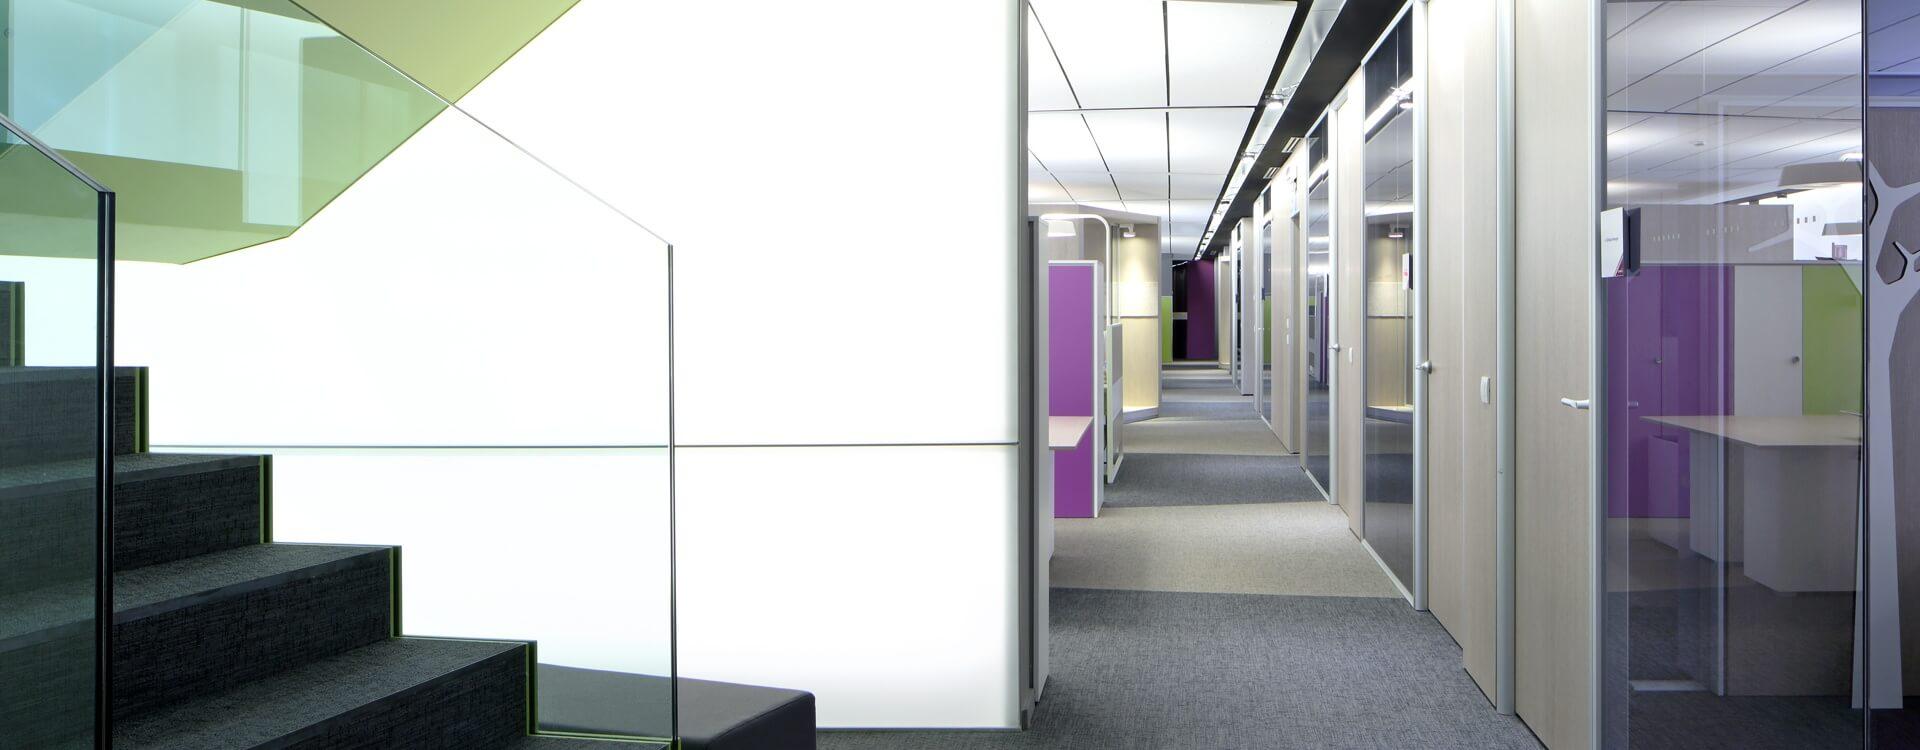 Arredare ufficio con le pareti divisorie mobili